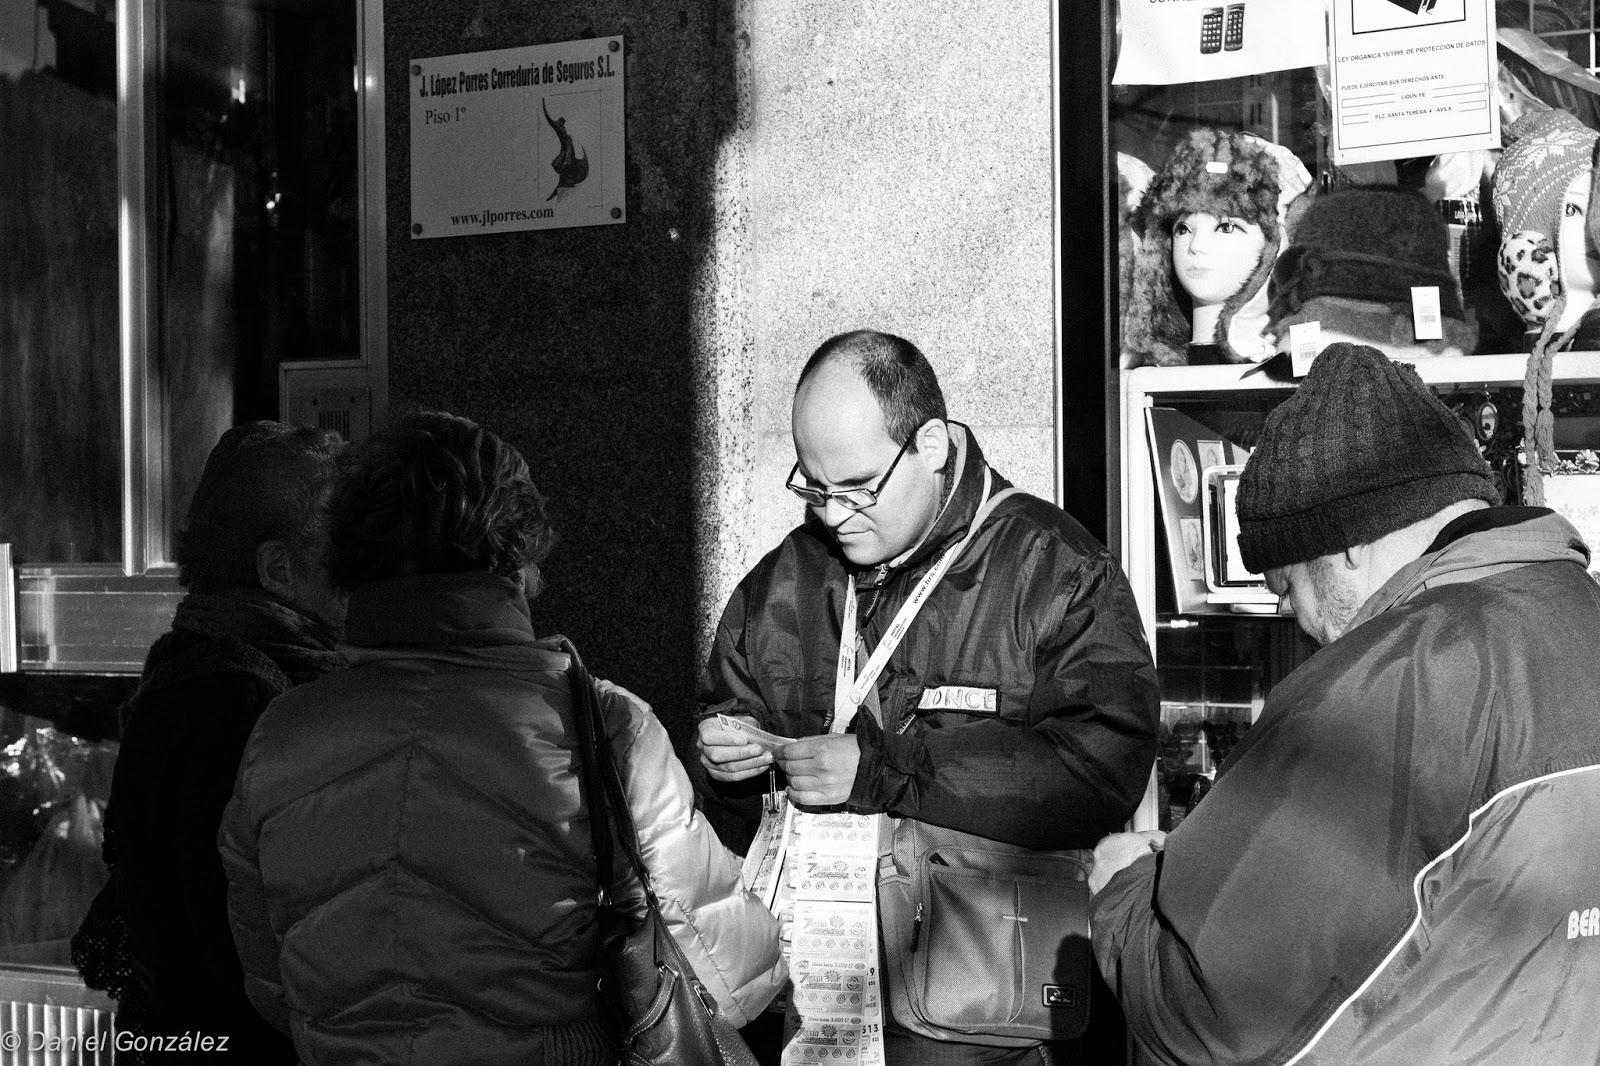 Vendedor de Lotería, Mercado Chico, Avila 2014